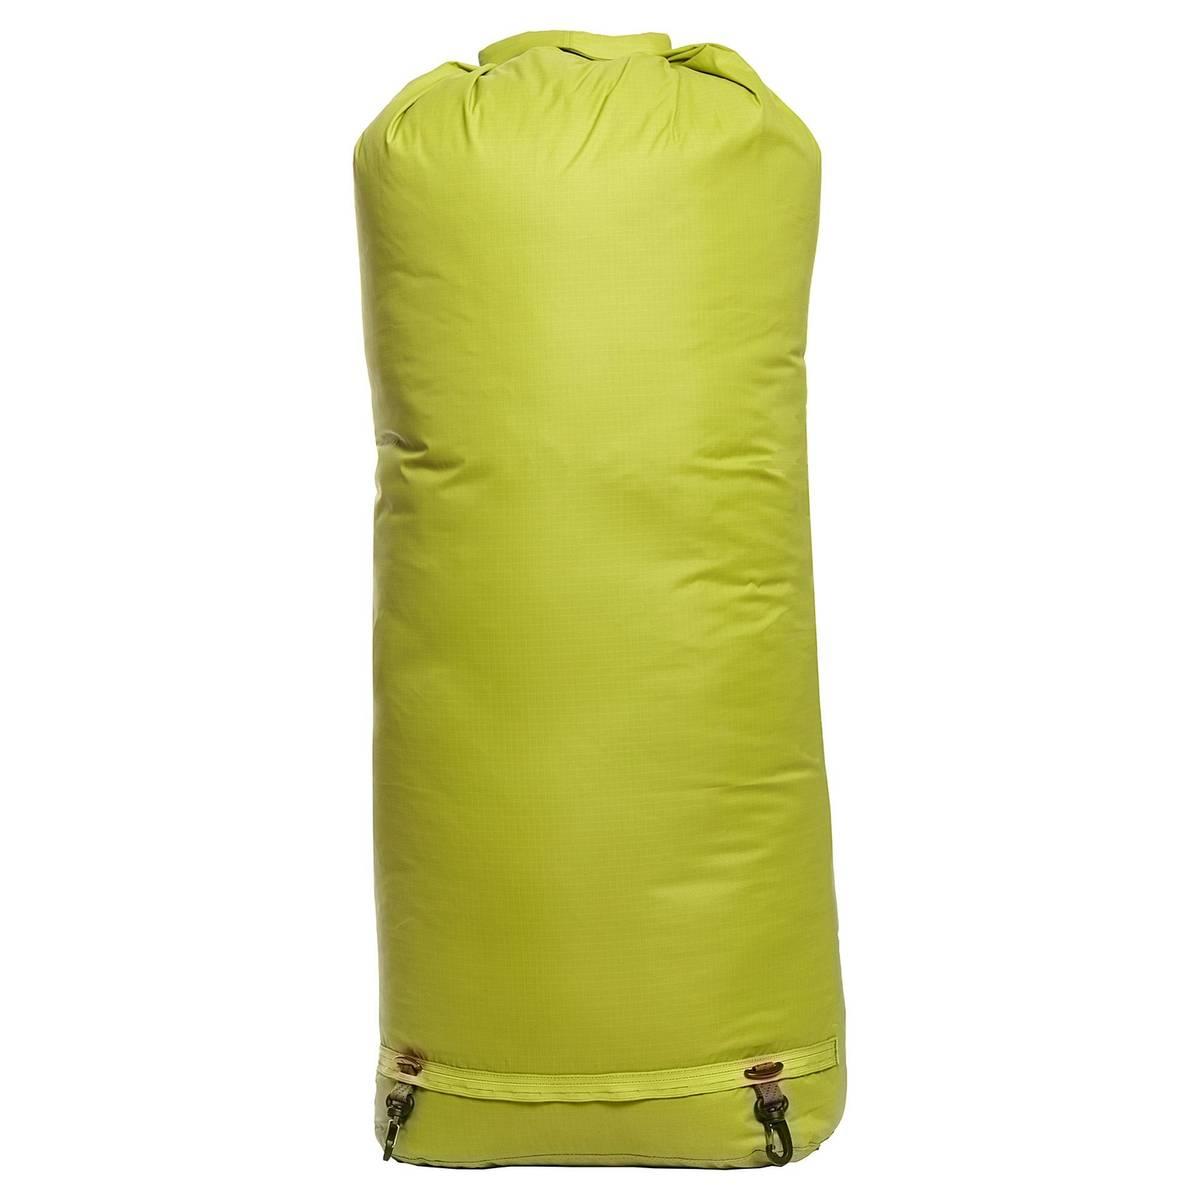 Klättermusen Backpack Liner S